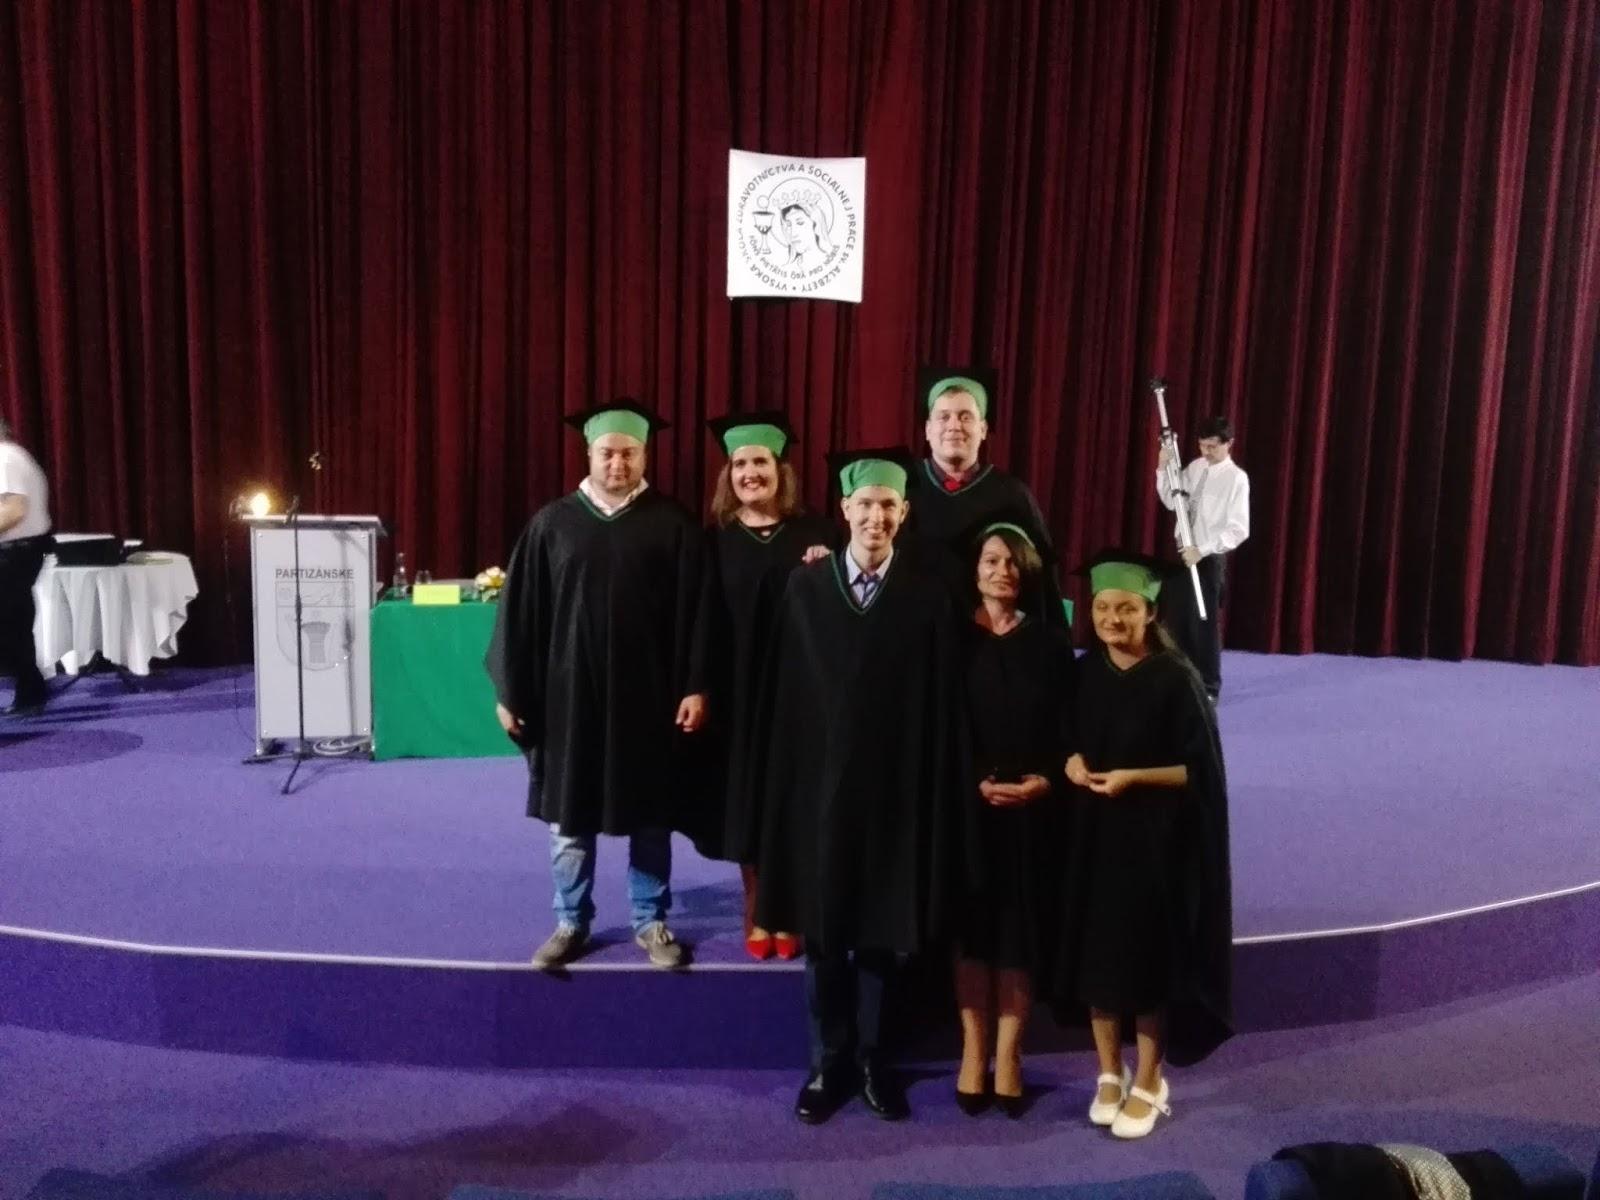 1a4801adf130 A potom pokračovalo iba poďakovanie od žiakov a od zriaďovateľa školy. A  bol koniec... Všetci sme sa rozpŕchli k rodinám a začali sme sa fotiť.